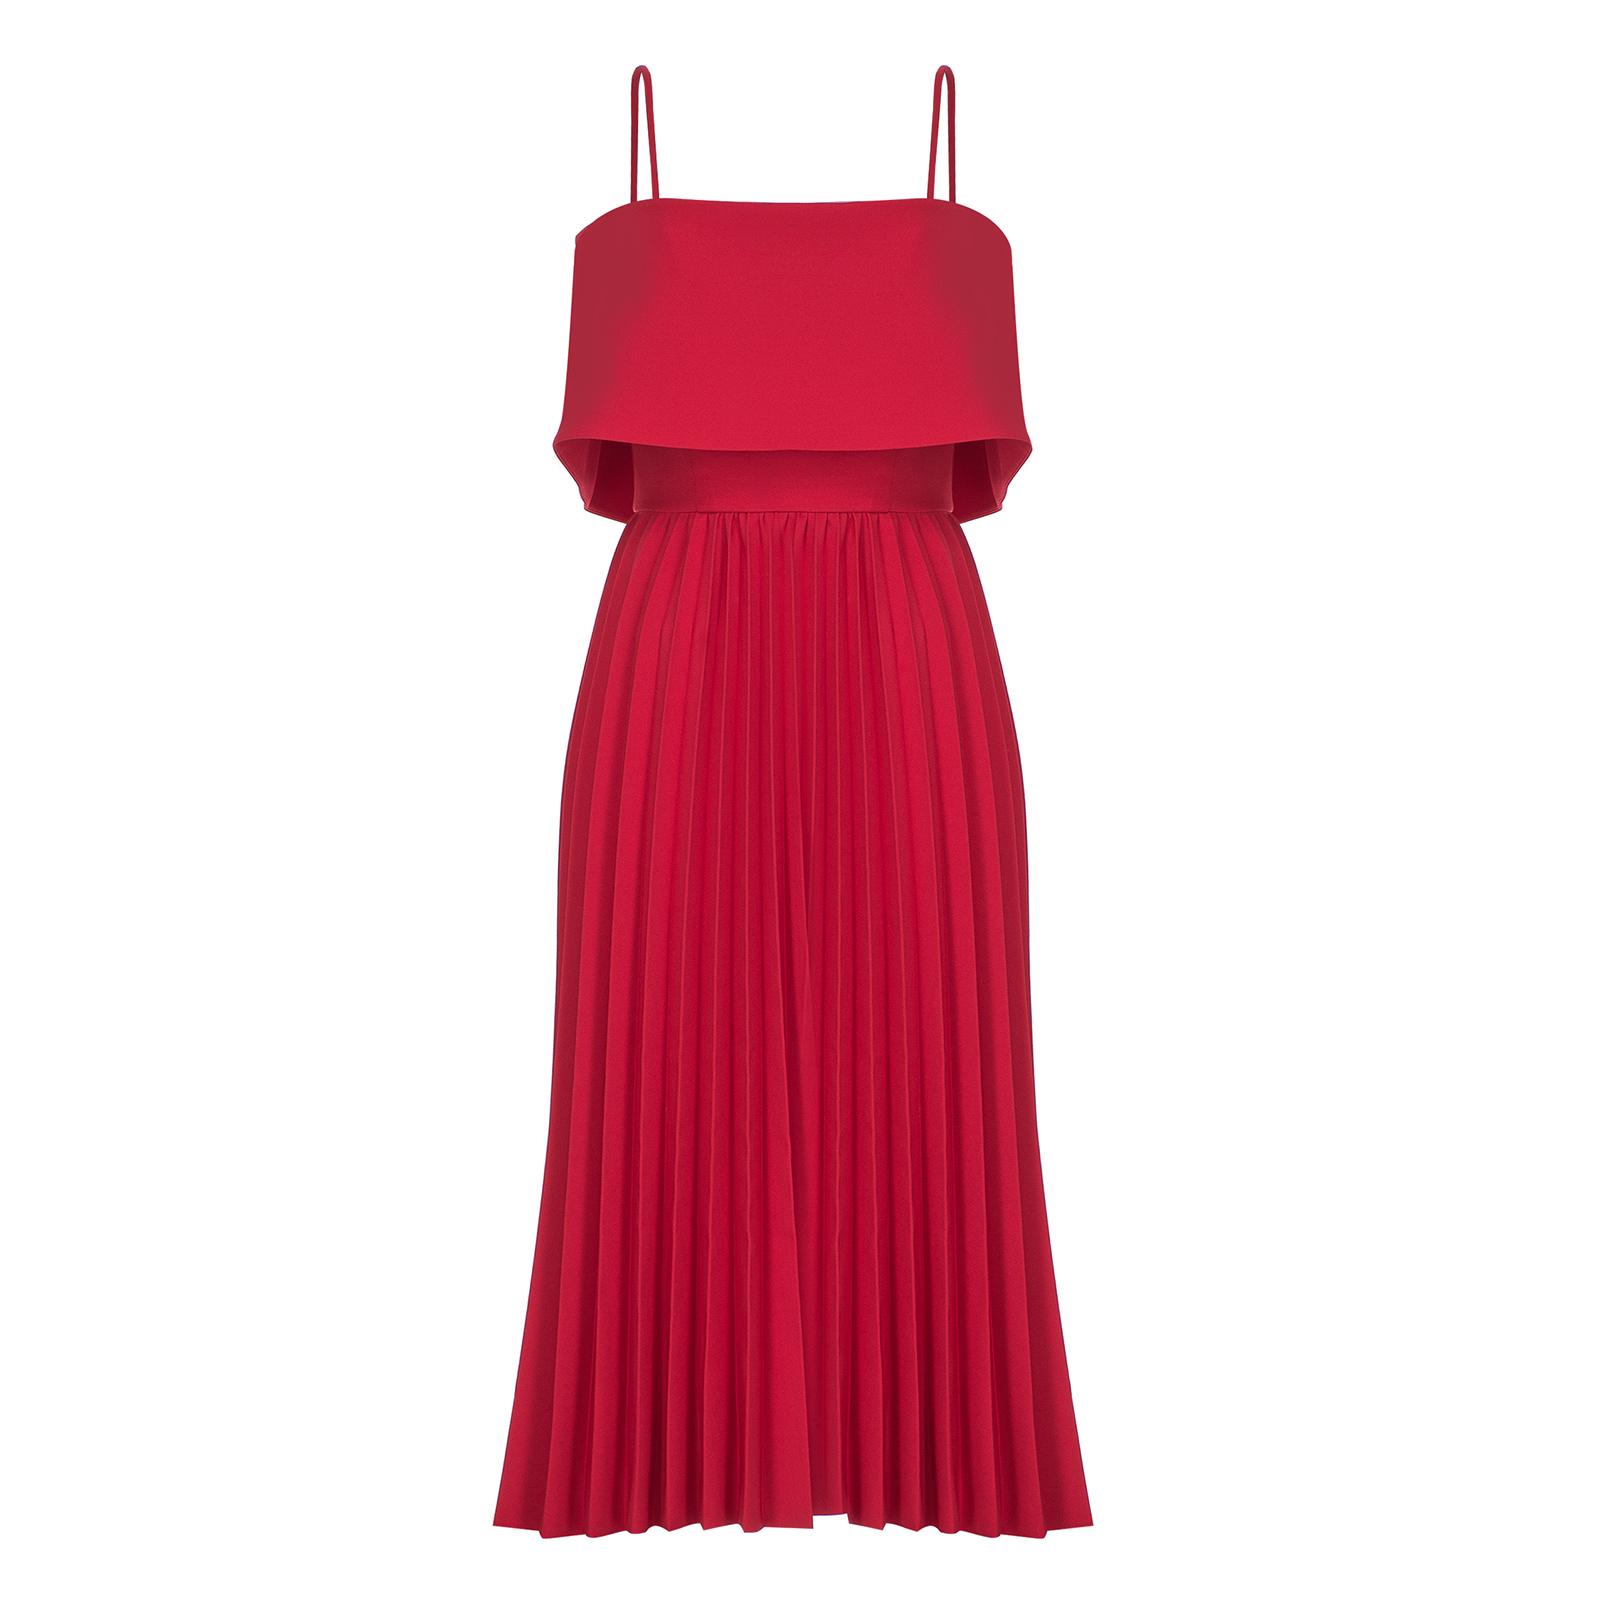 Pileli kırmızı elbise